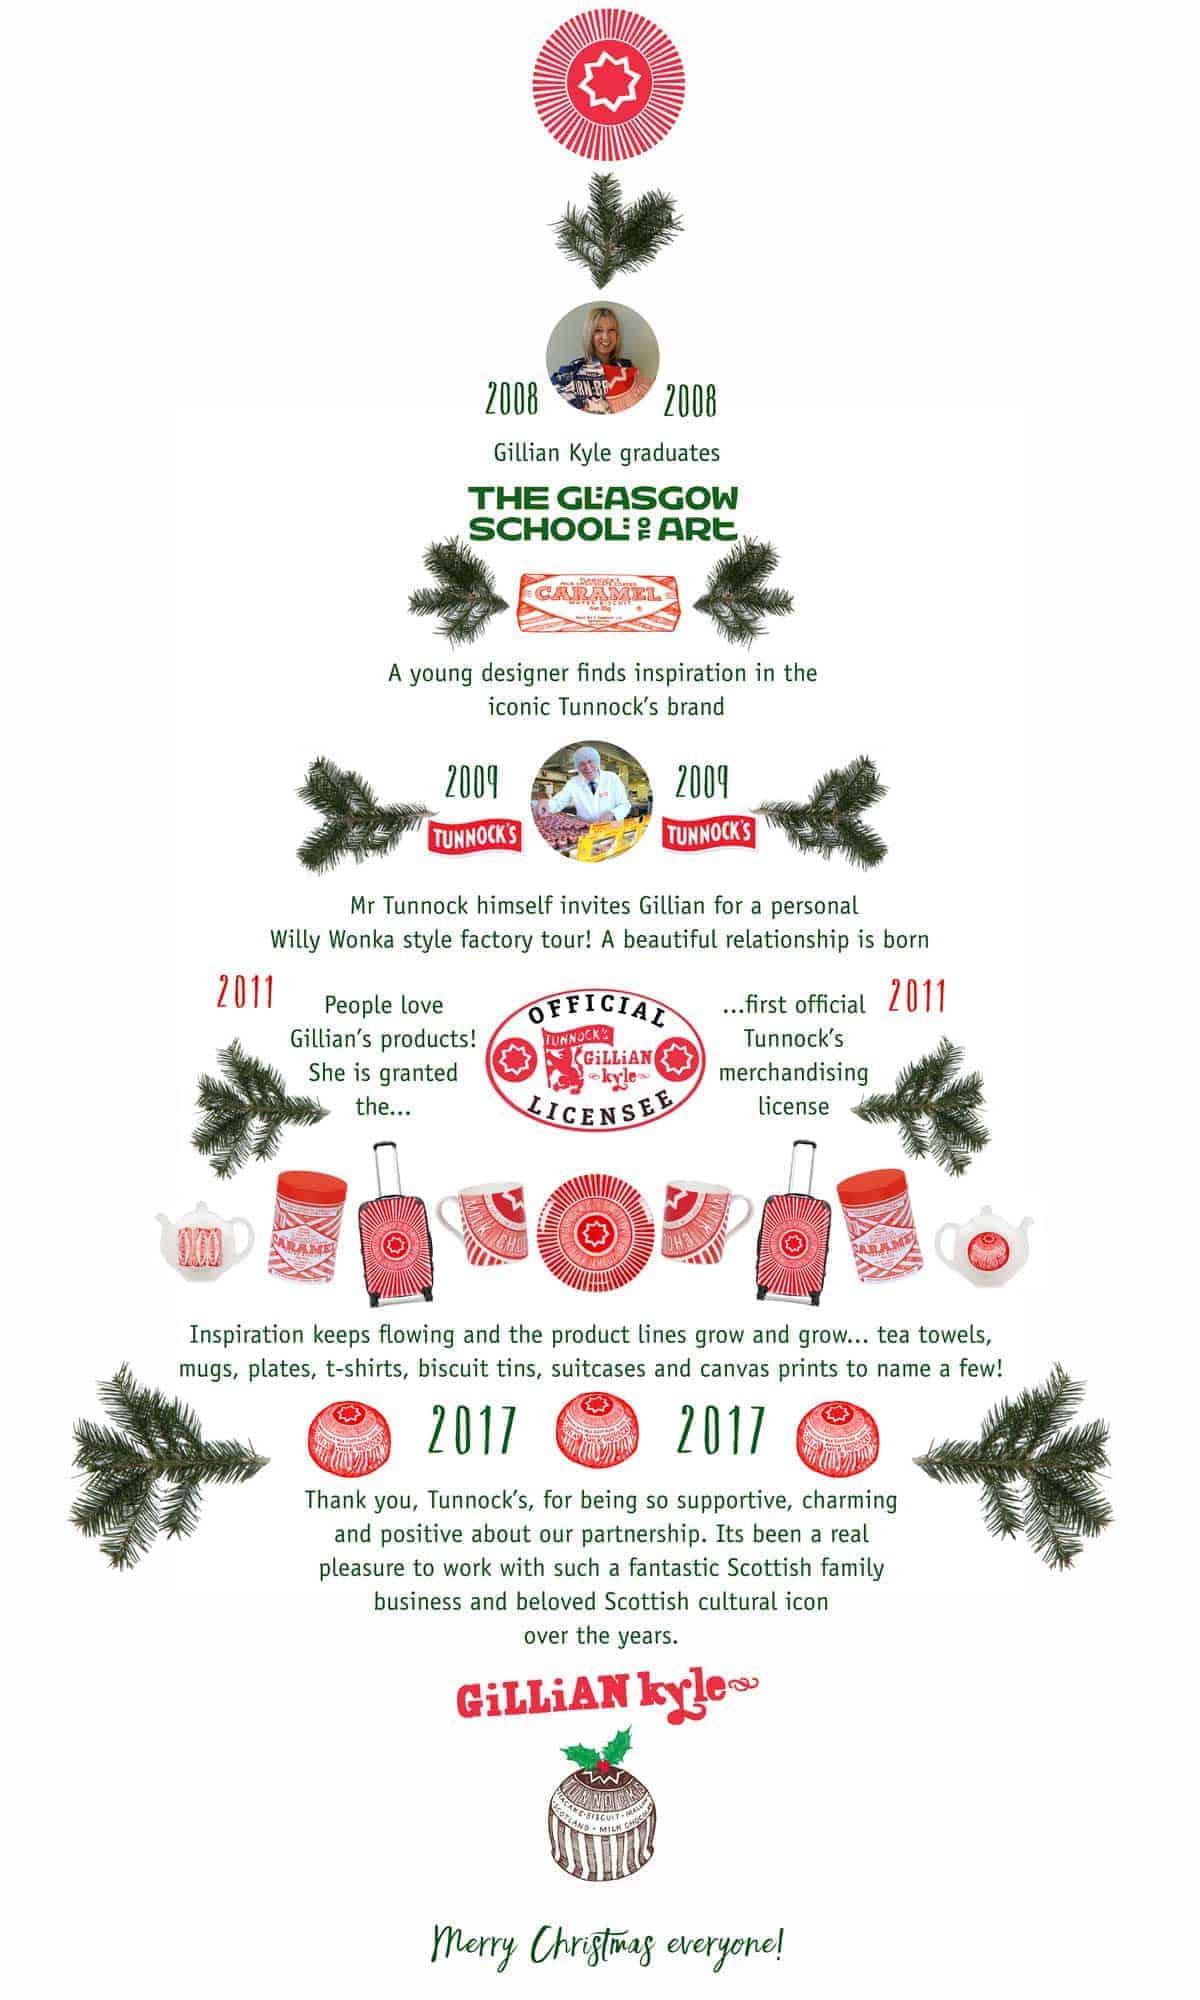 Tunnock's Christmas Tree Infographic by Gillian Kyle